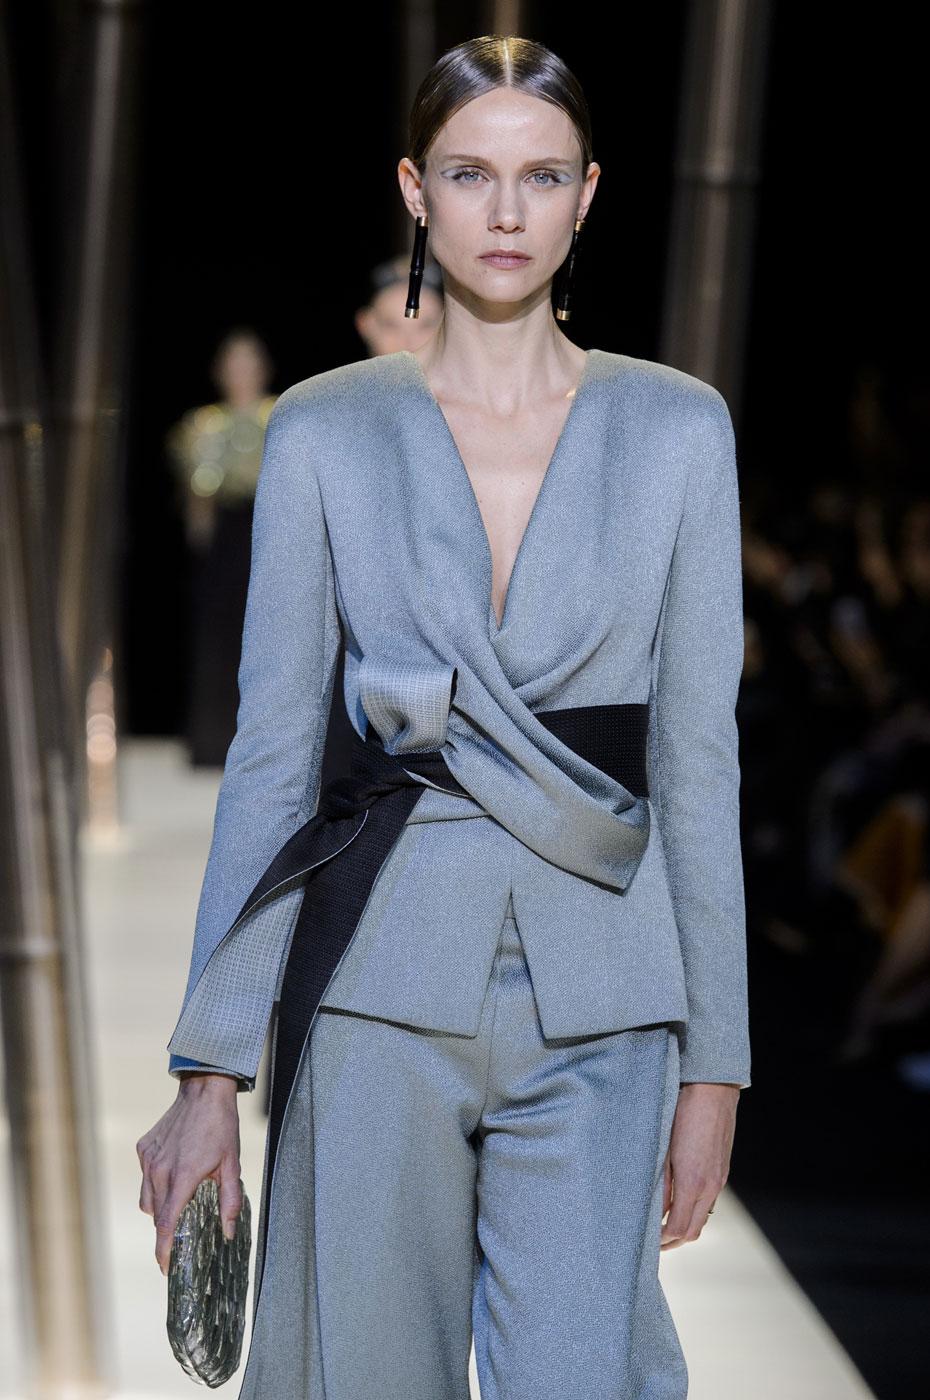 Giorgio-armani-Prive-fashion-runway-show-haute-couture-paris-spring-2015-the-impression-052